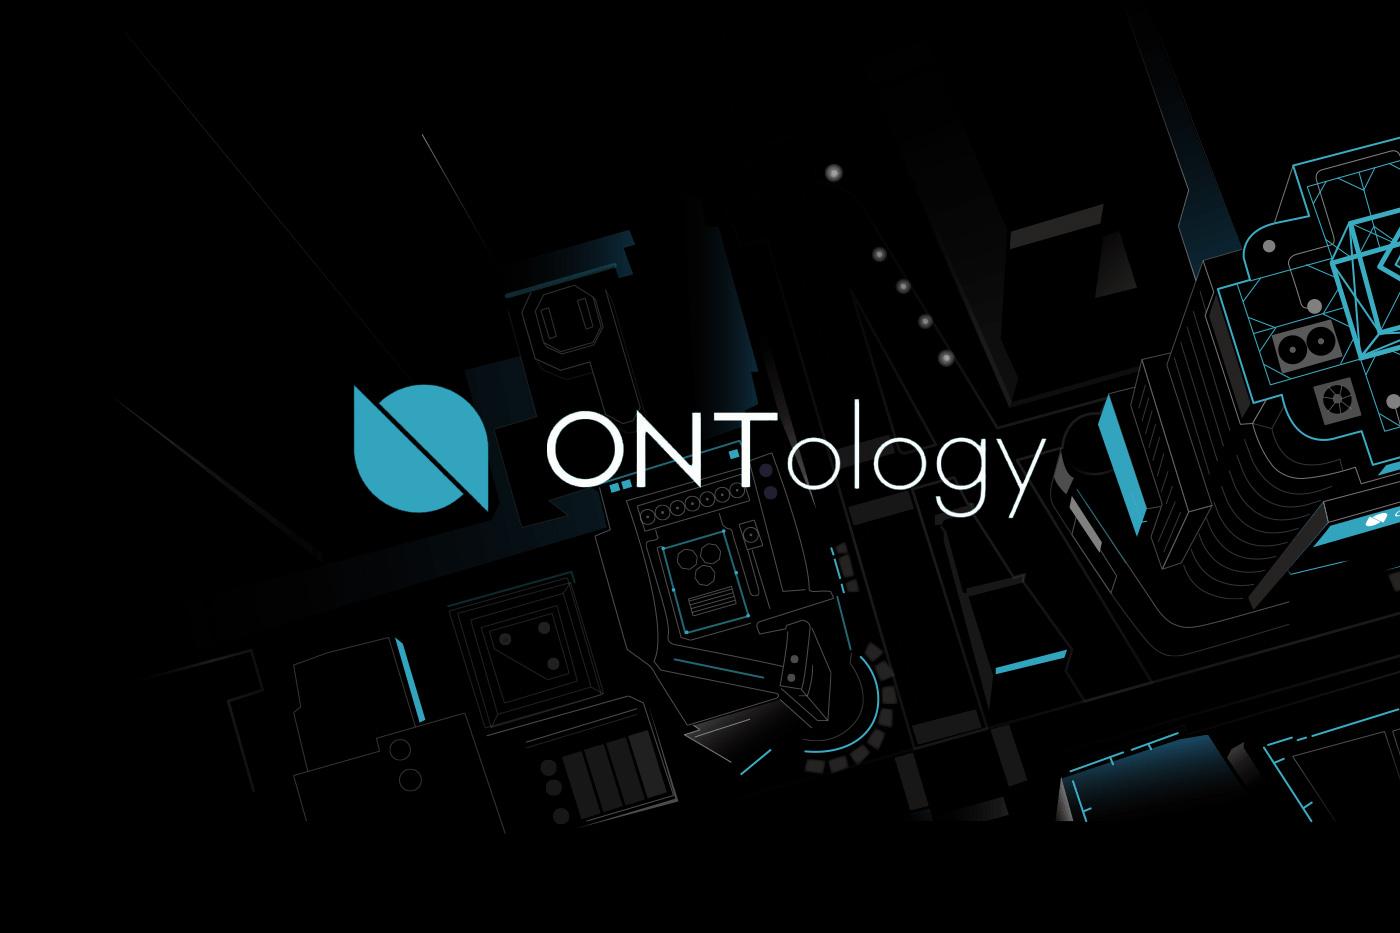 مشروع Ontology يعقد شراكة مع أحد أفضل ألعاب البلوكشين